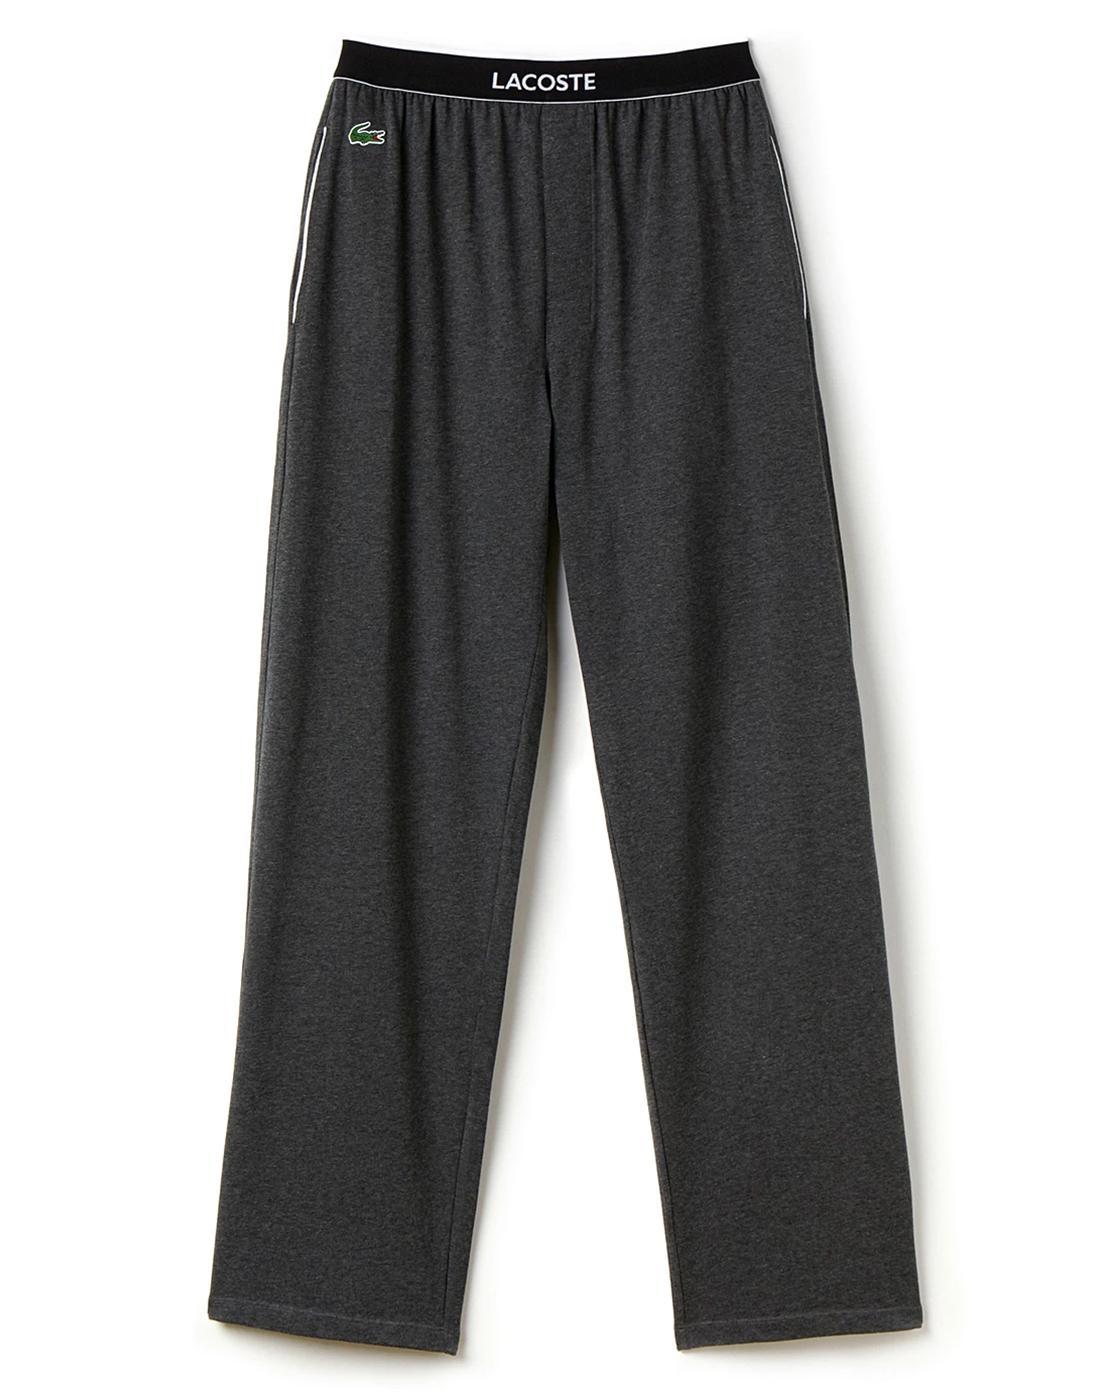 + LACOSTE Mens Retro Unicolour Lounge Pants Grey